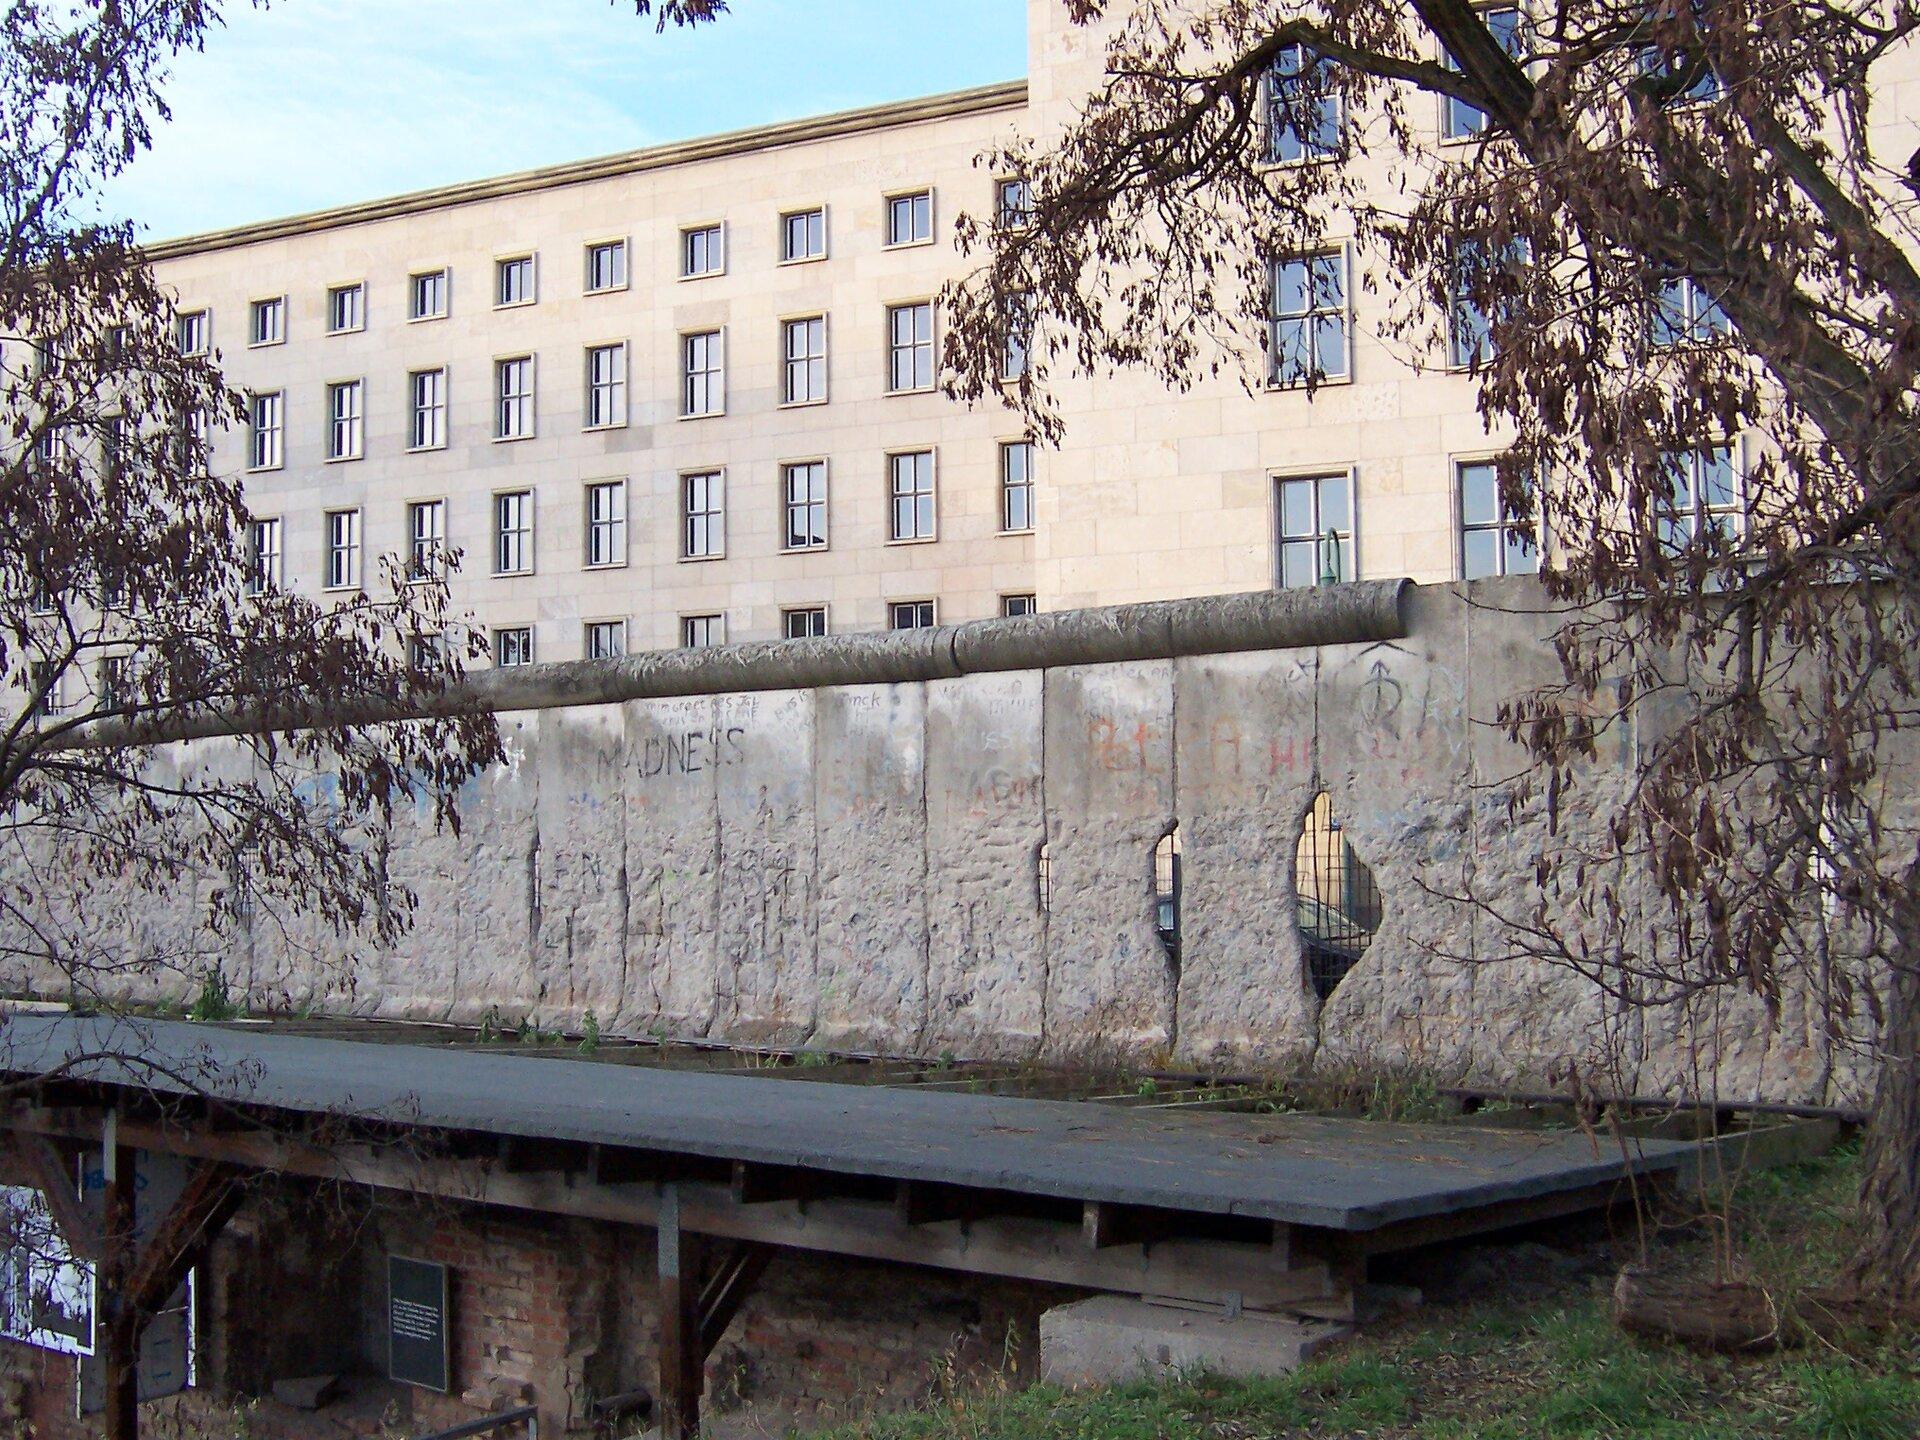 Na zdjęciu wysoki betonowy mur, gdzieniegdzie dziury, widać metalowe zbrojenia. Za murem kilkupiętrowy kamienny budynek.